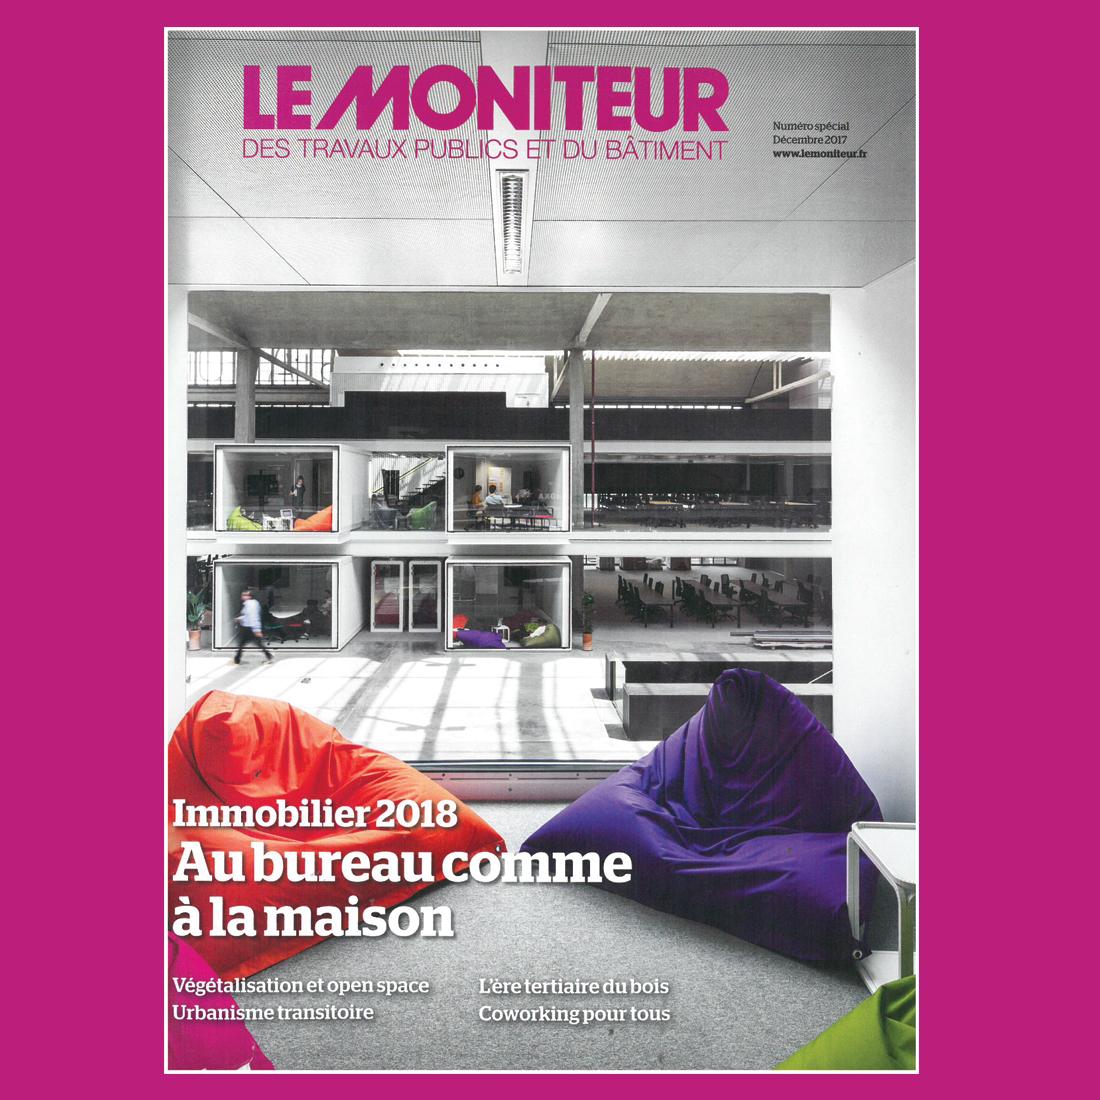 LE MONITEUR Edition Spéciale Immobilier 2018 | Brenac & Gonzalez et Associés